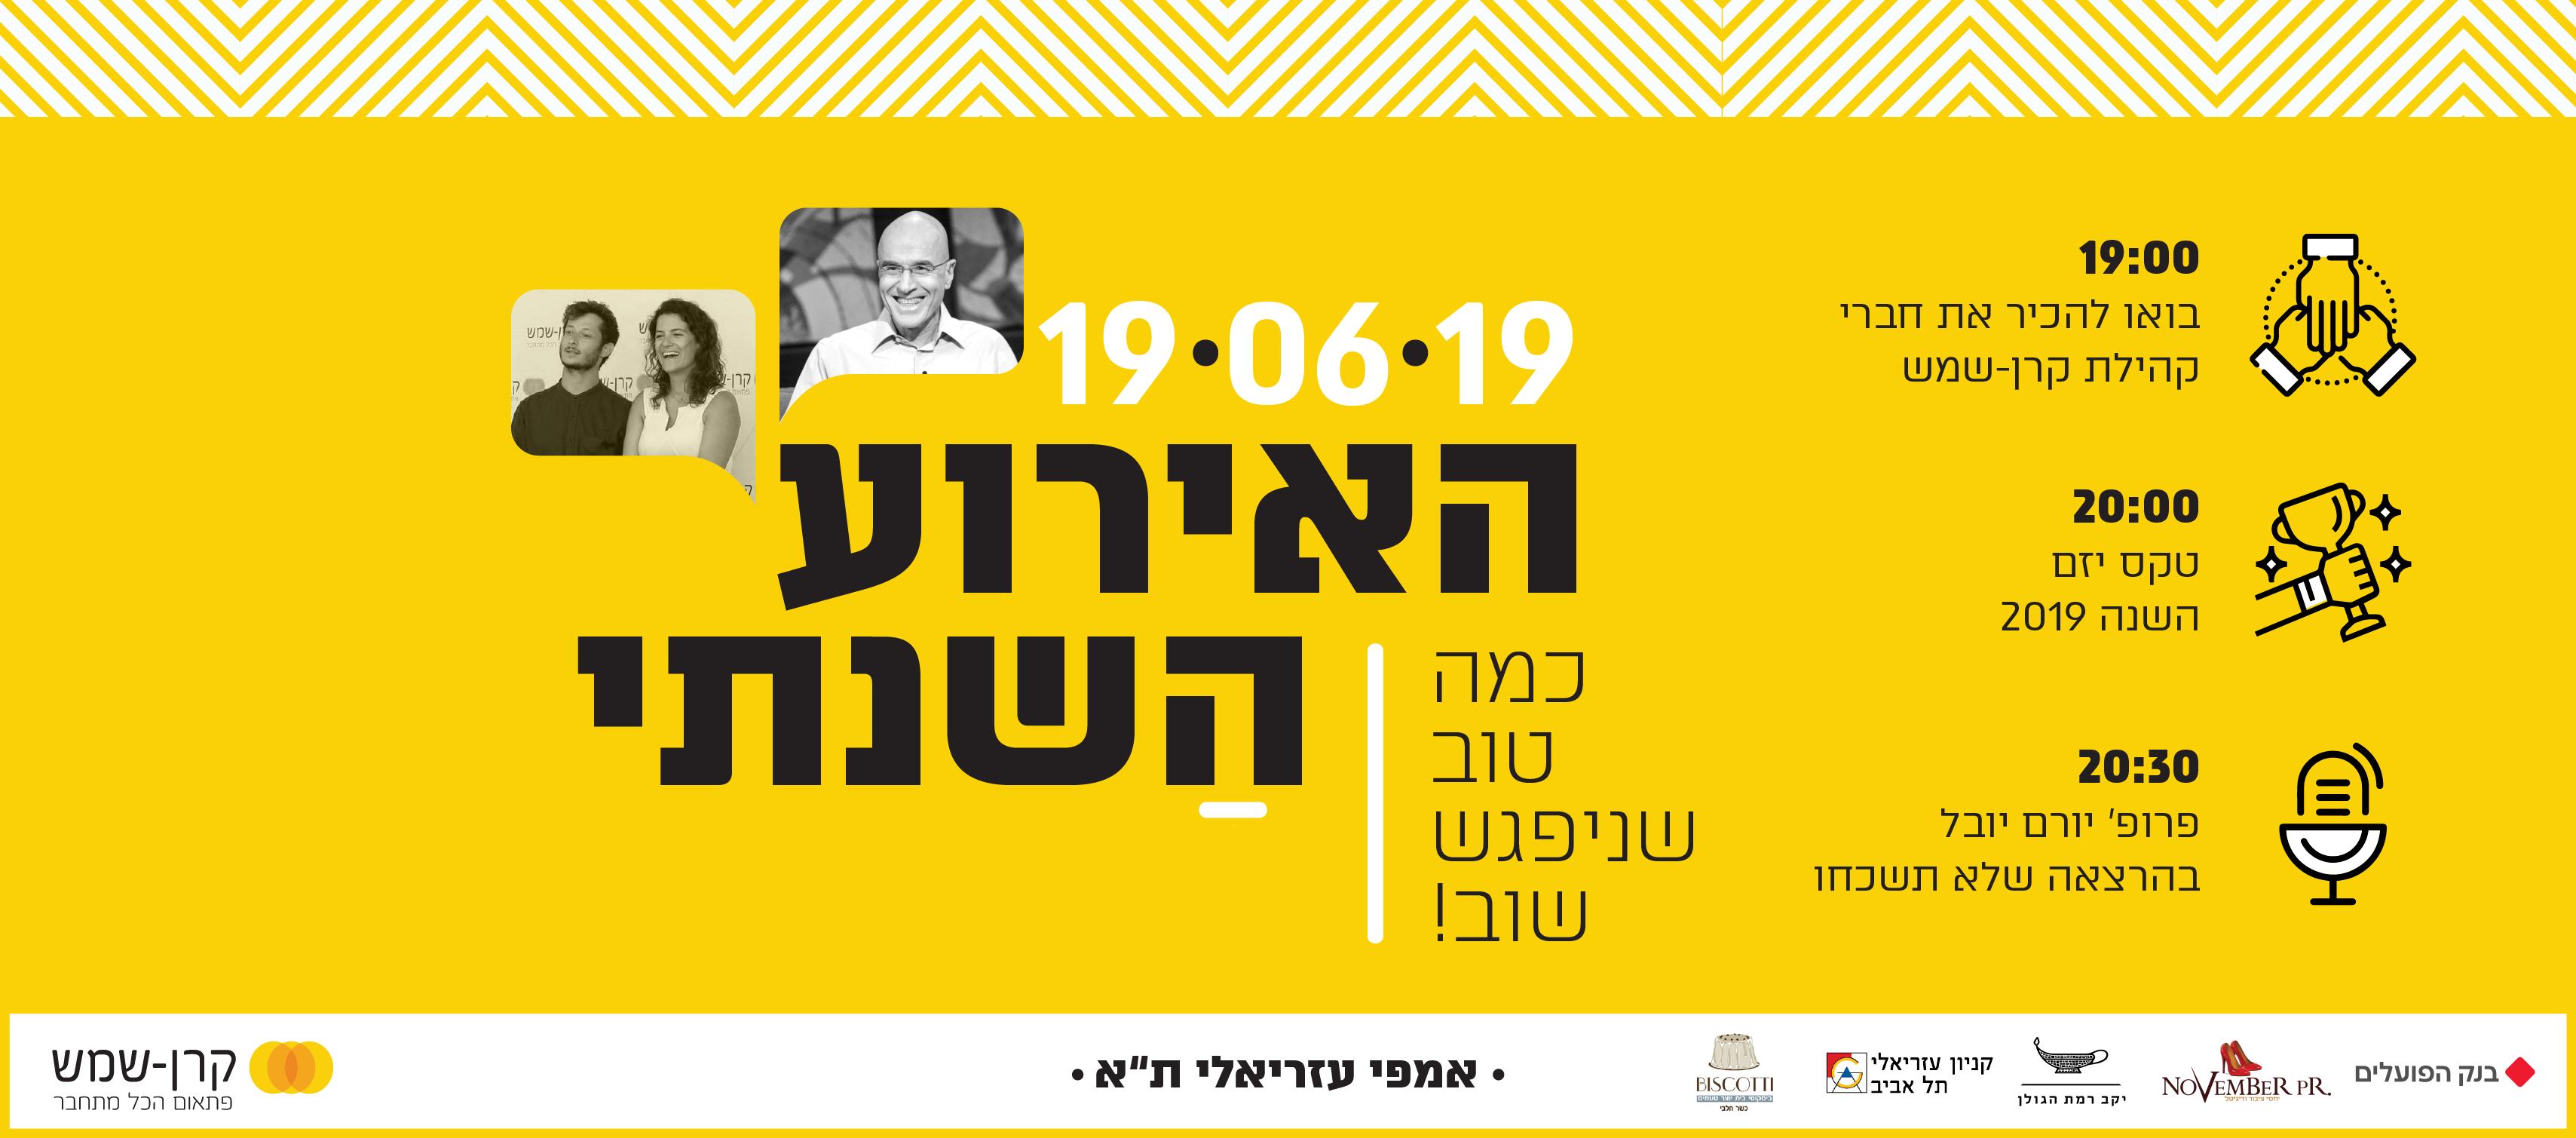 הזמנה לאירוע השנתי של קרן-שמש 2019